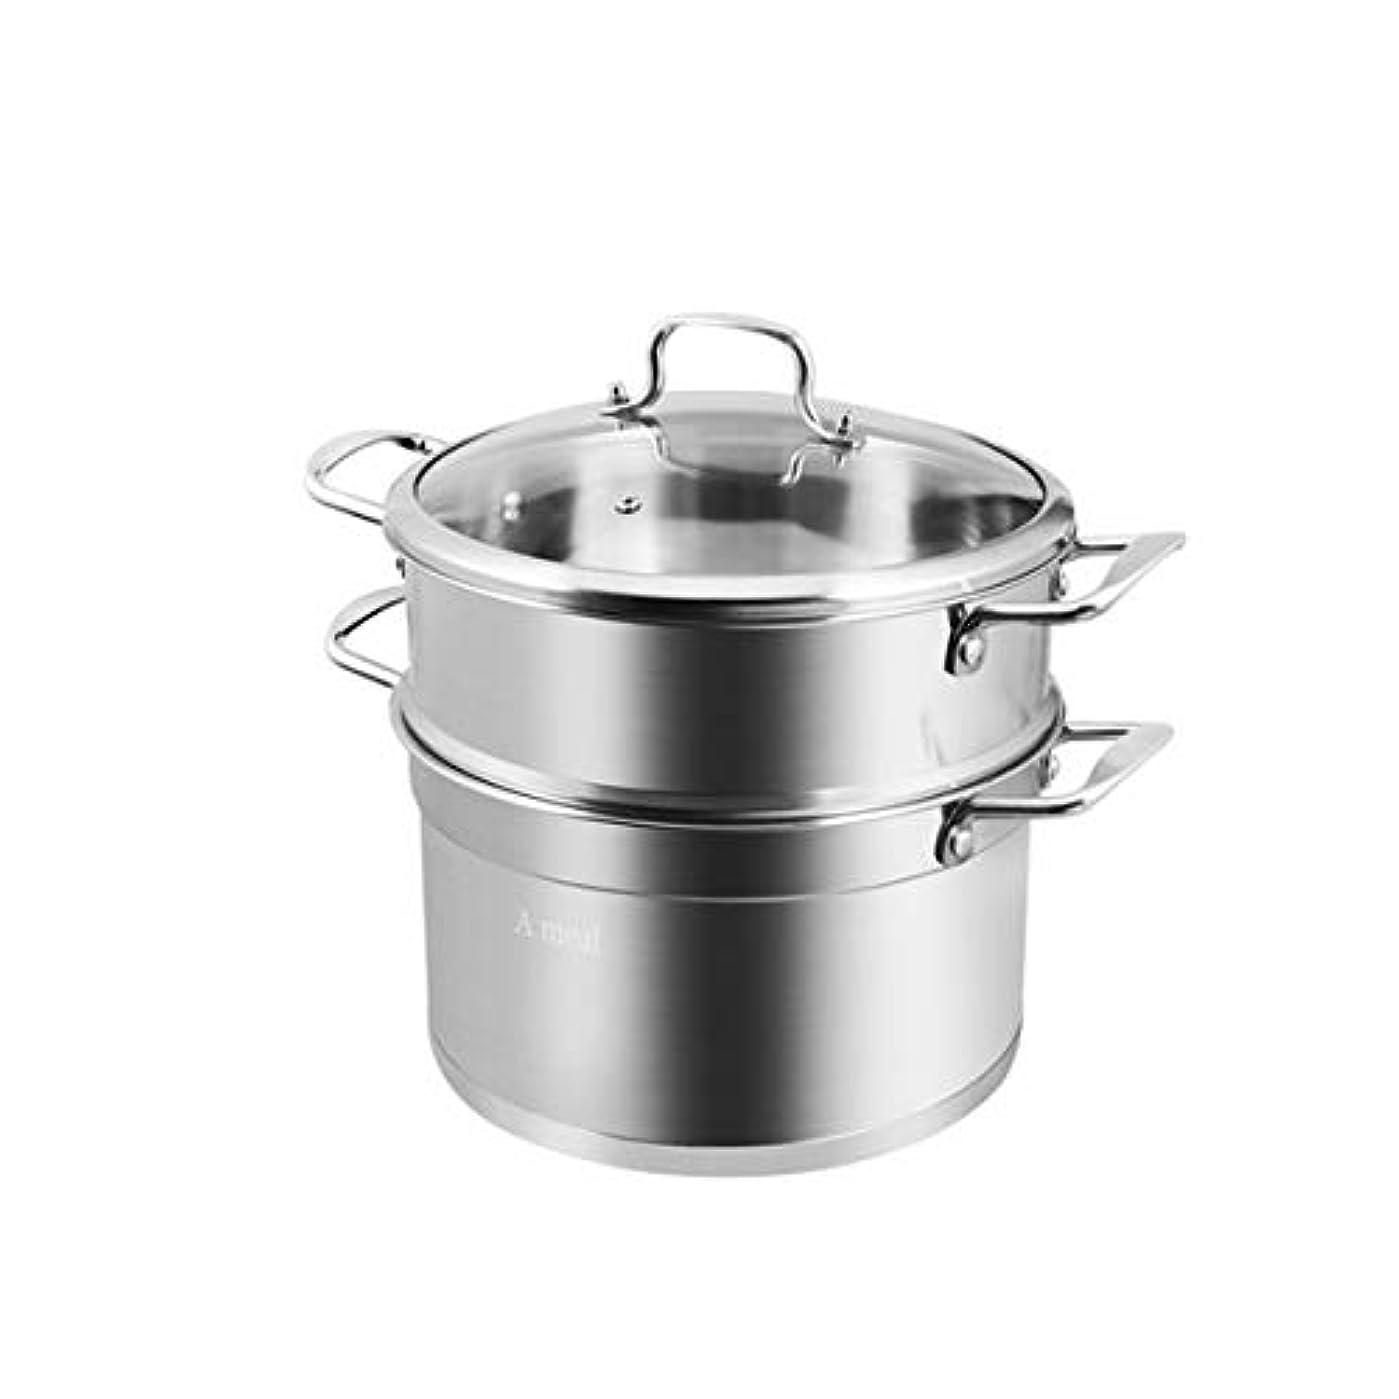 シュート言うまでもなく桁LIFANG 蒸し器、304ステンレス鋼、2層、増粘、蒸し器、家庭用、高品質、耐久性、シルバー (Color : Silver, Size : 28cm)